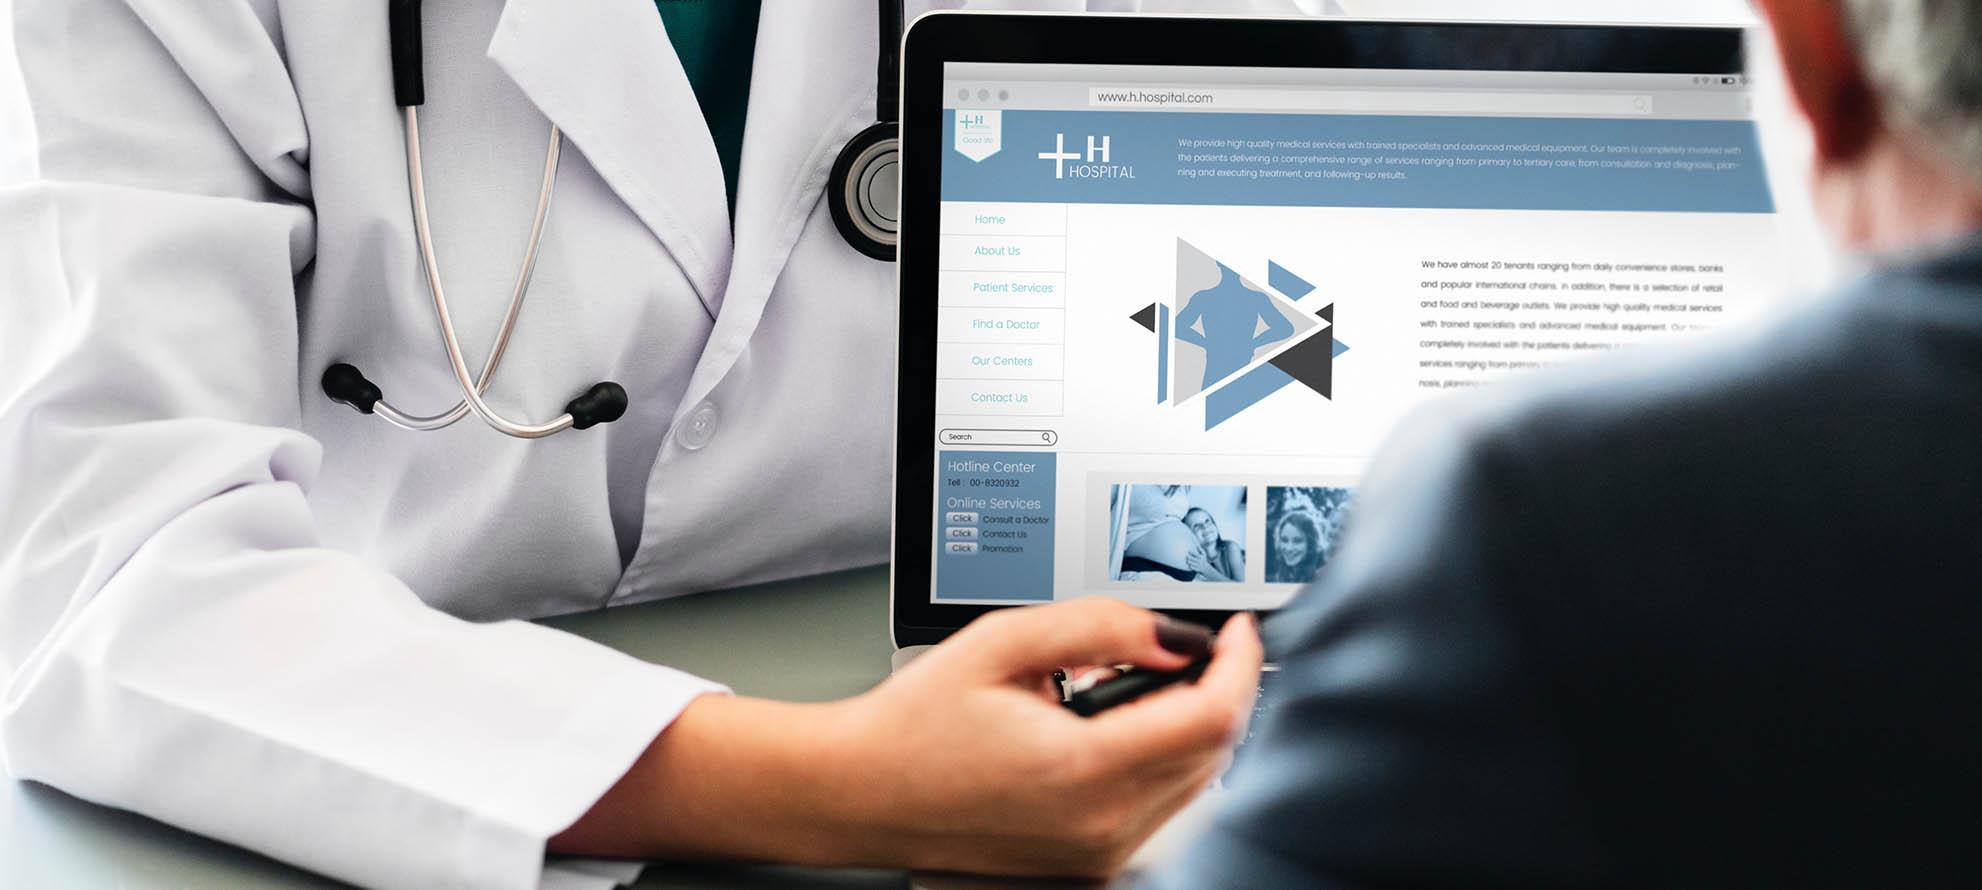 Suboxone Treatment Clinics Providence | Suboxone Doctor Providence